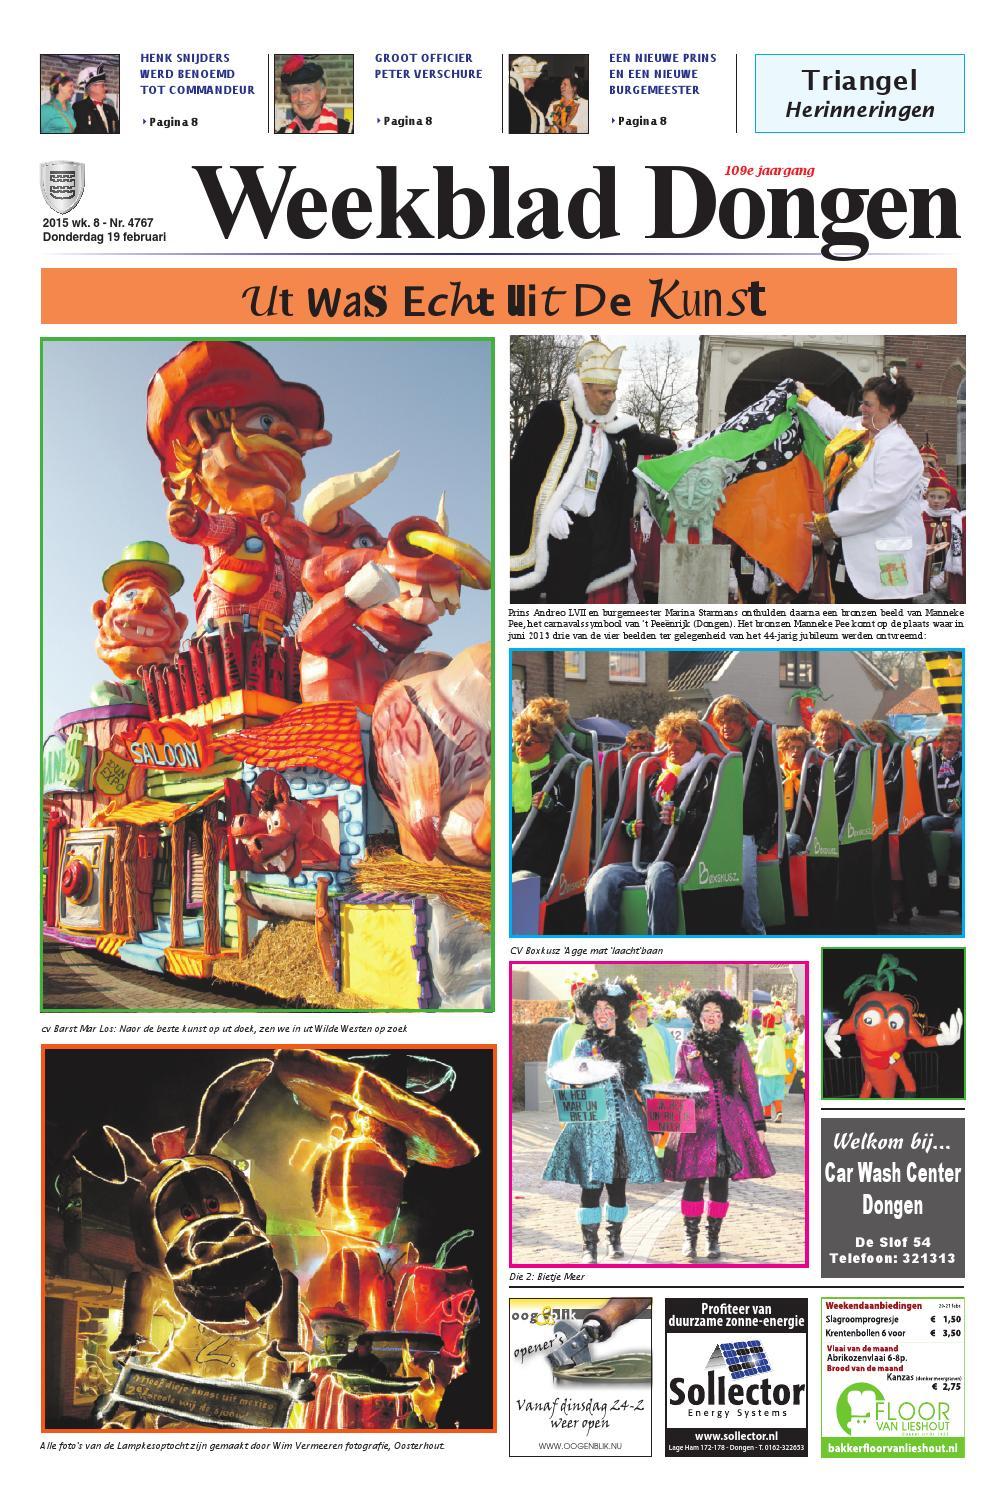 weekblad dongen 19-02-2015 by uitgeverij em de jong